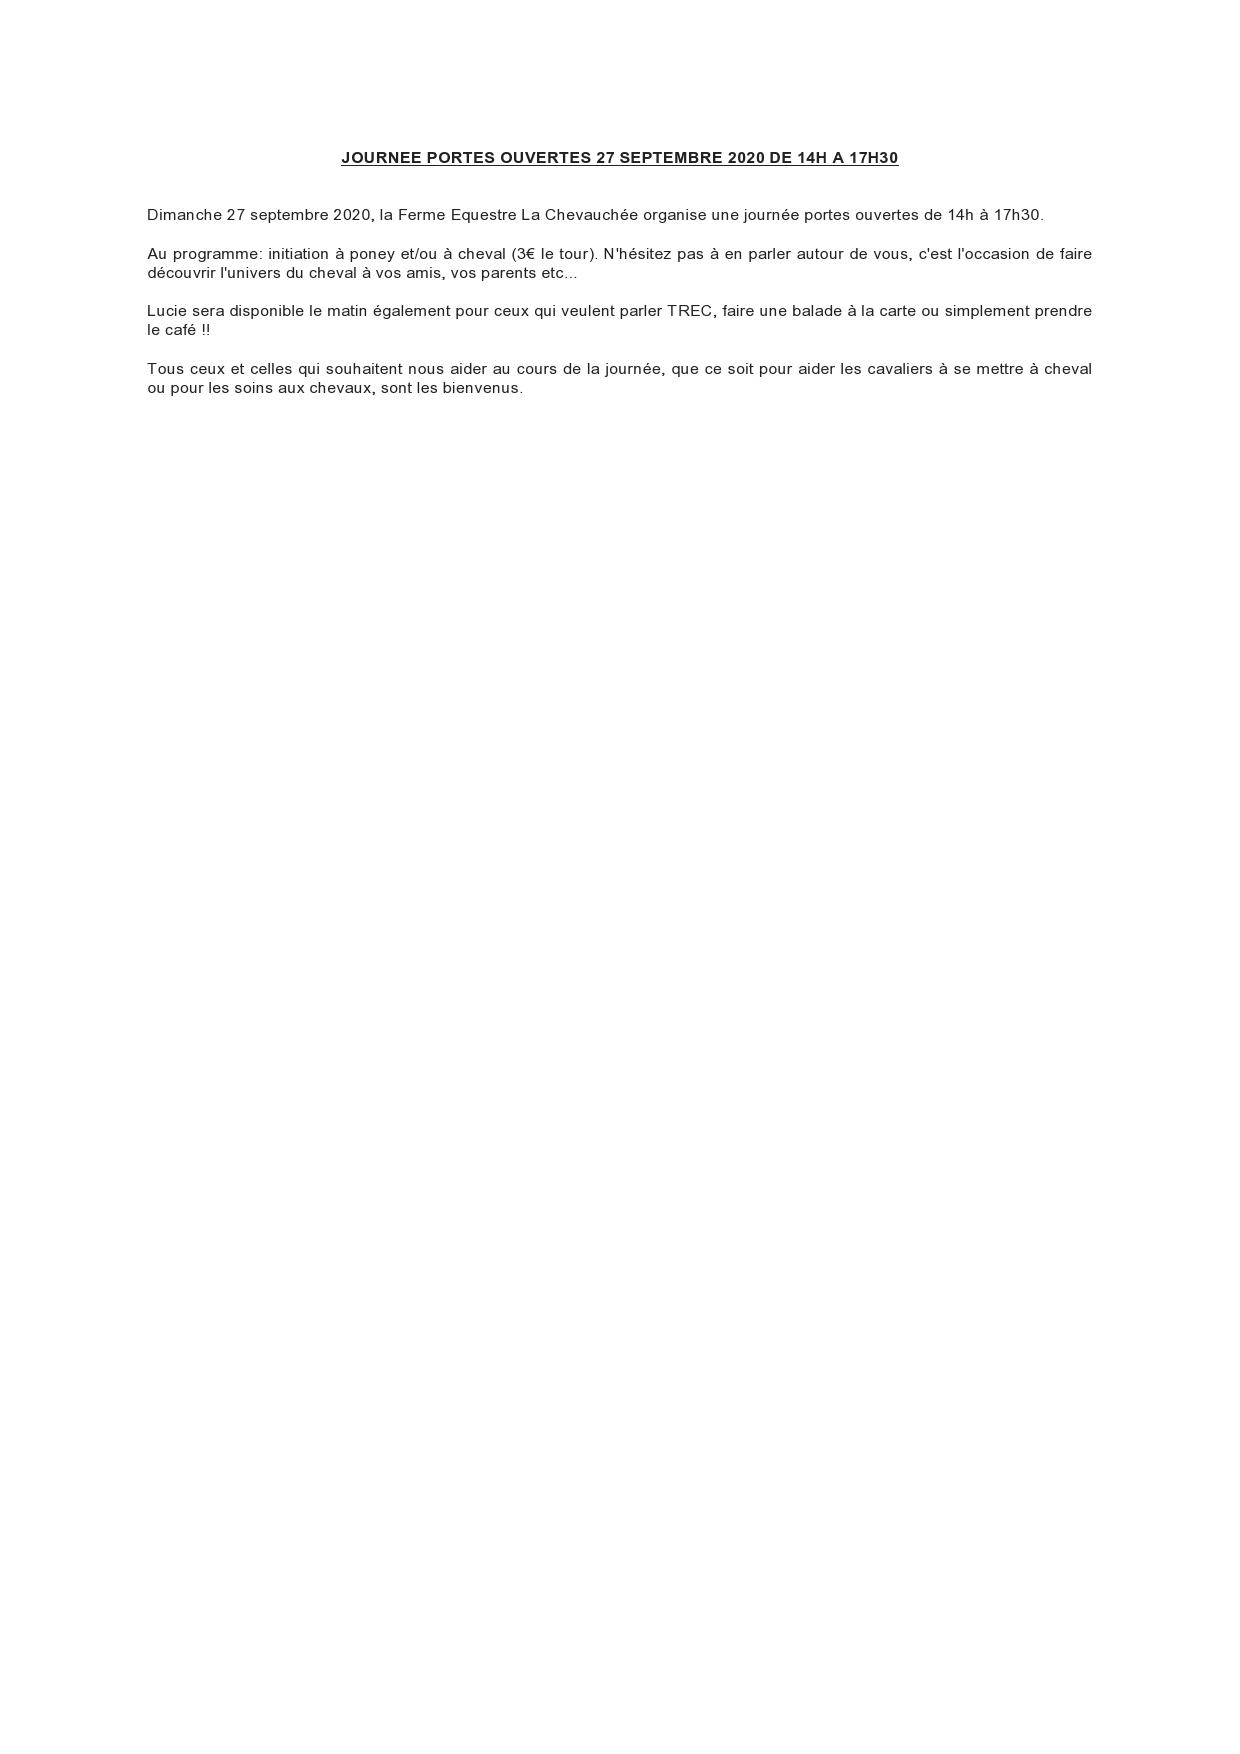 JOURNEE PORTES OUVERTES 27 SEPTEMBRE 2020 DE 14H A 17H30.jpg